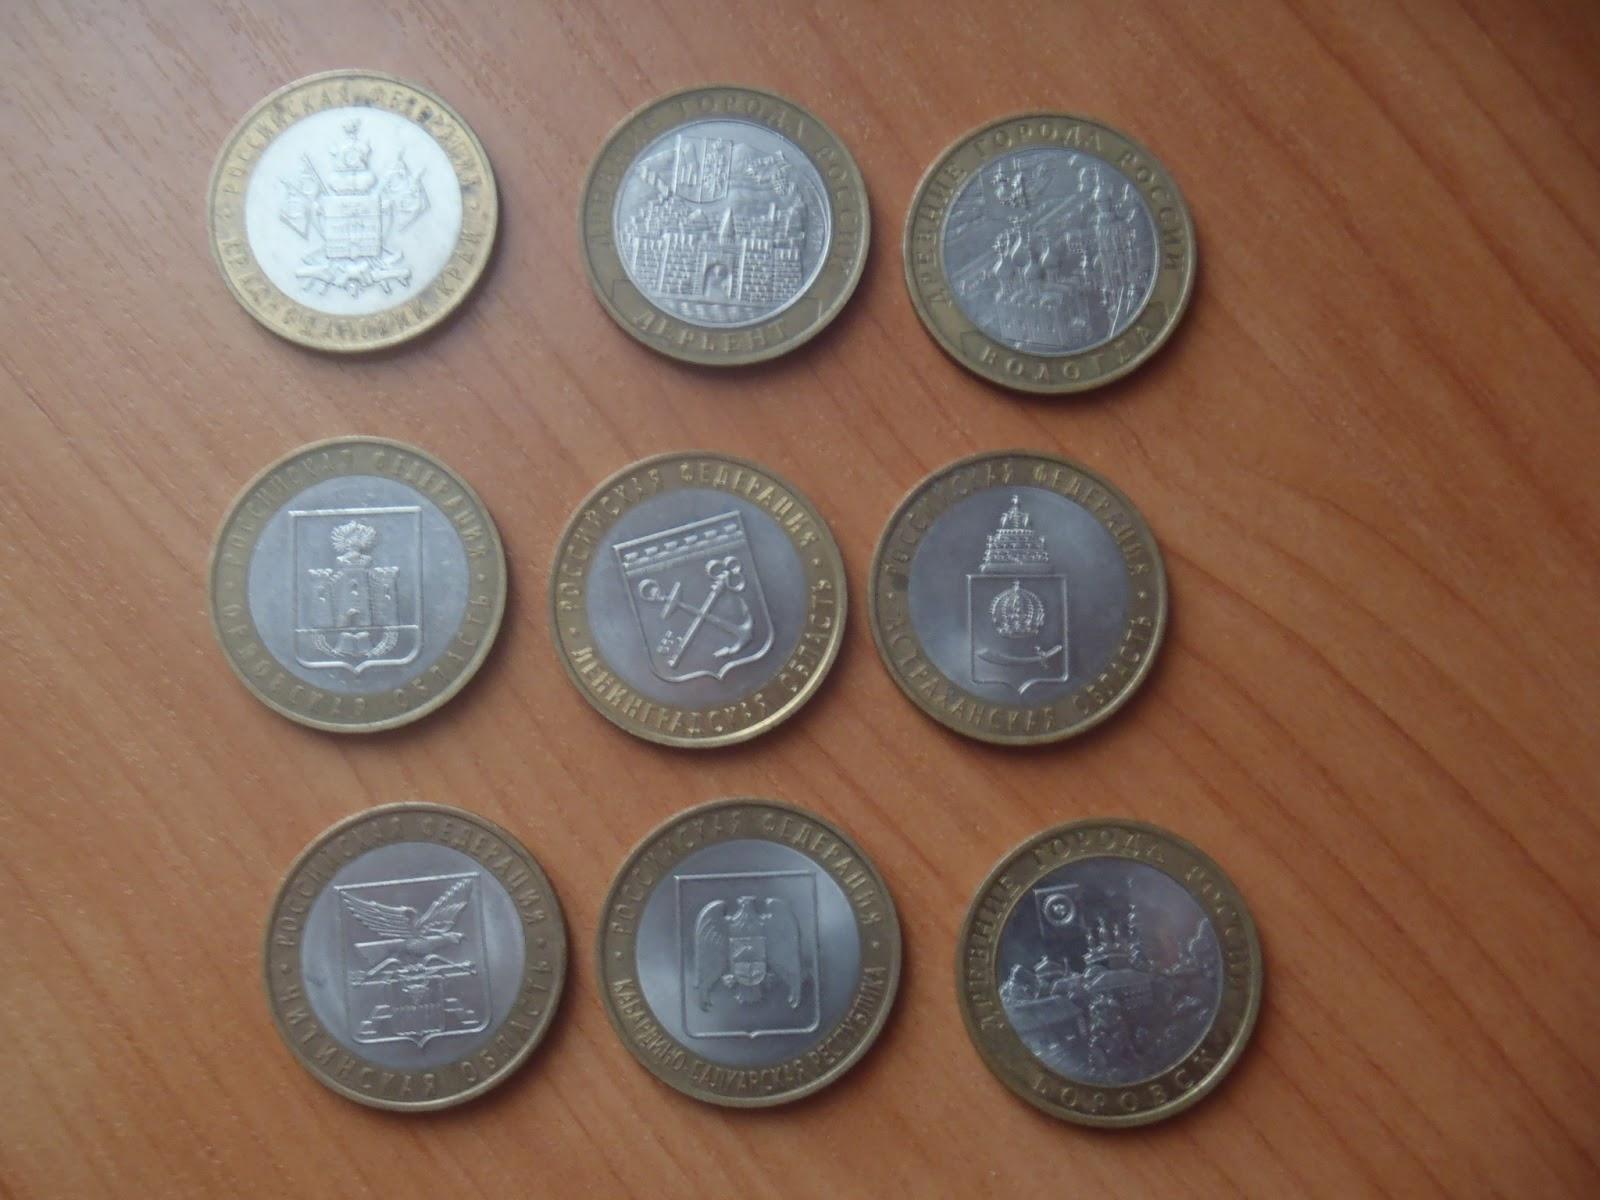 Сколько стоит 50 копеек 1924 года серебро цена - 717